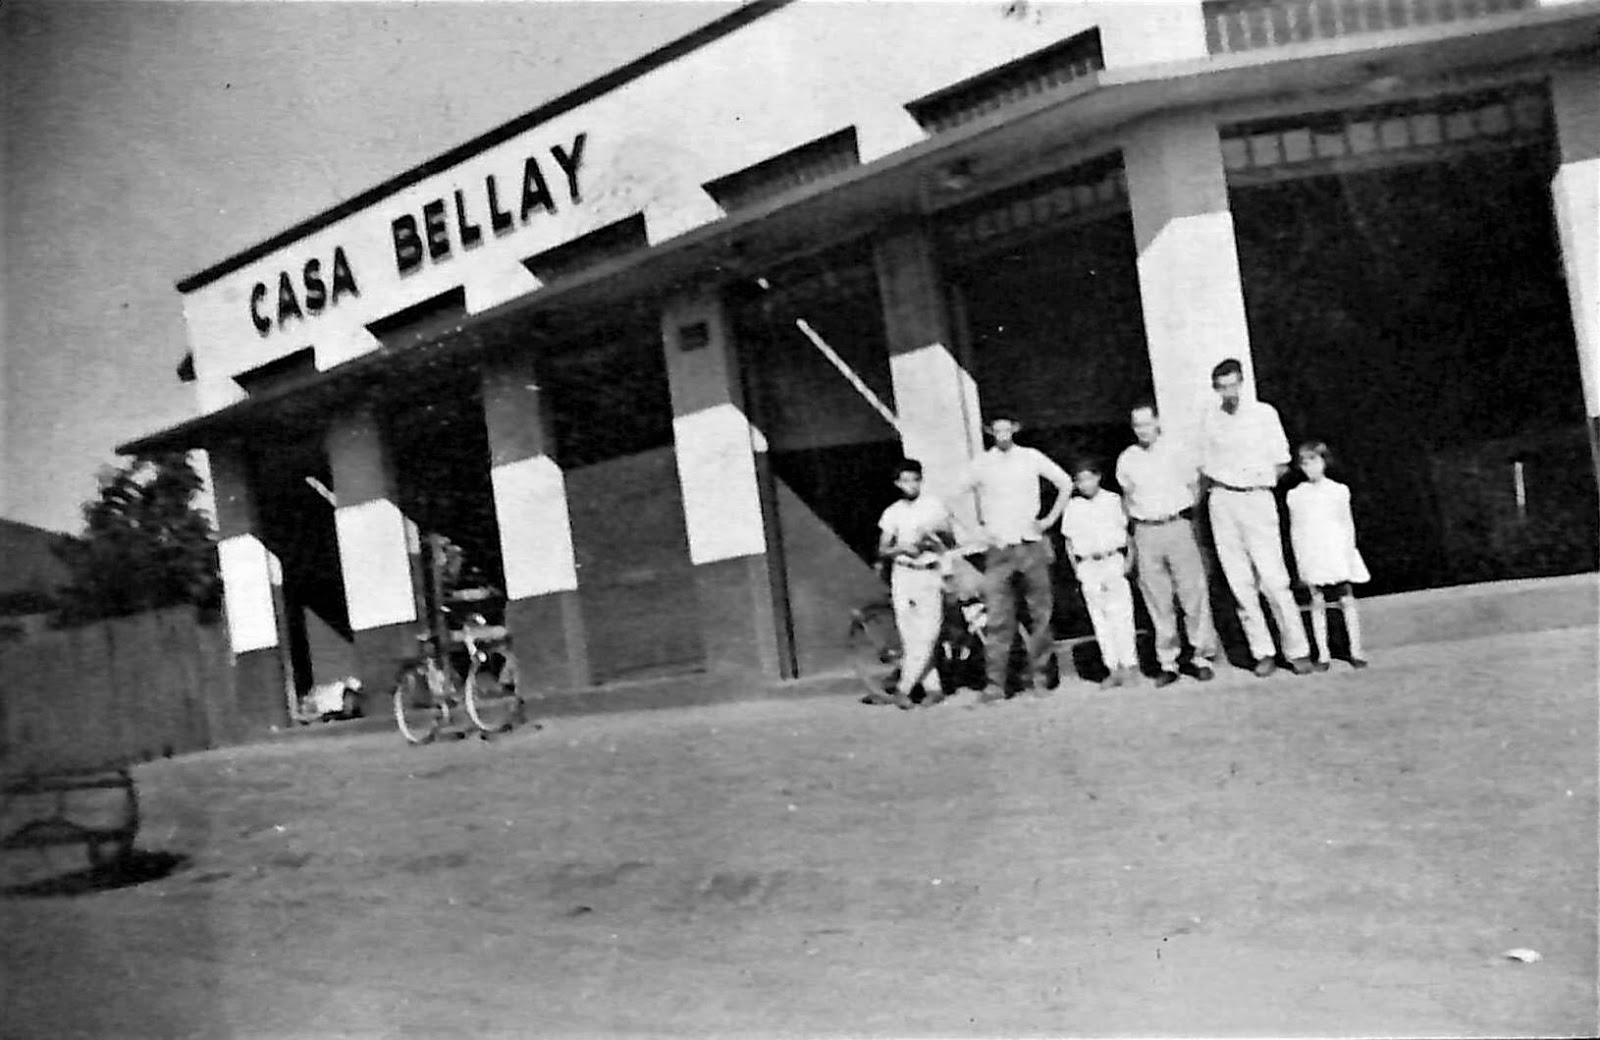 Casa Bellay - Década de 1950